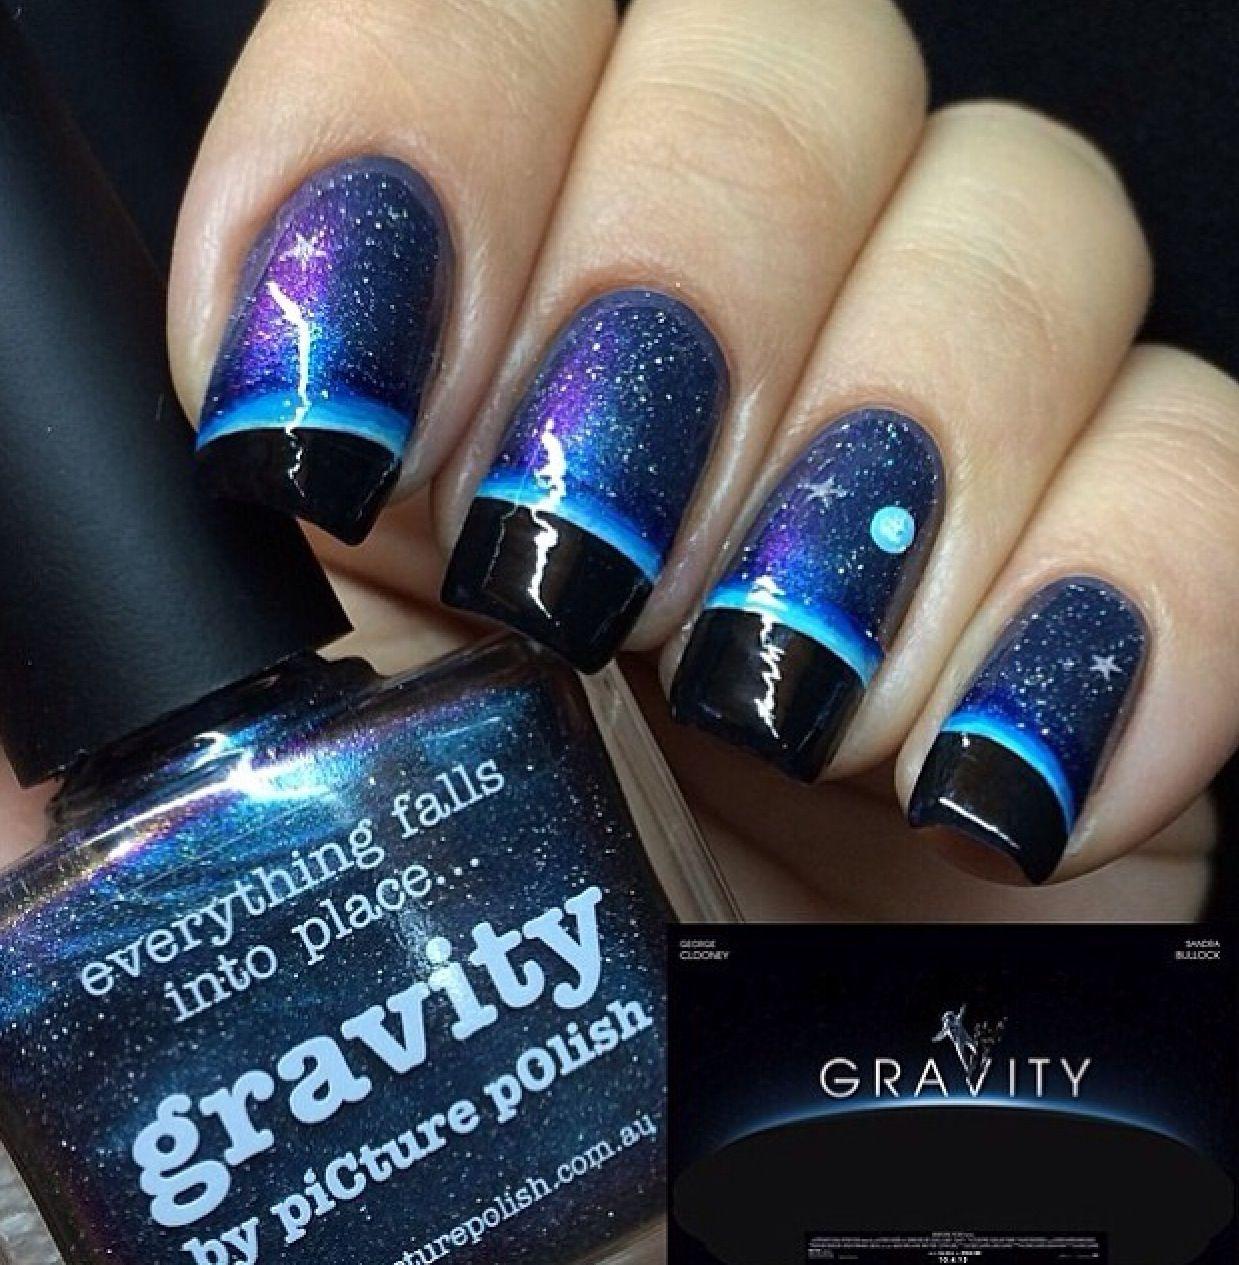 Gravity nails | nails | Pinterest | Manicure, Galaxy nail and Nail nail